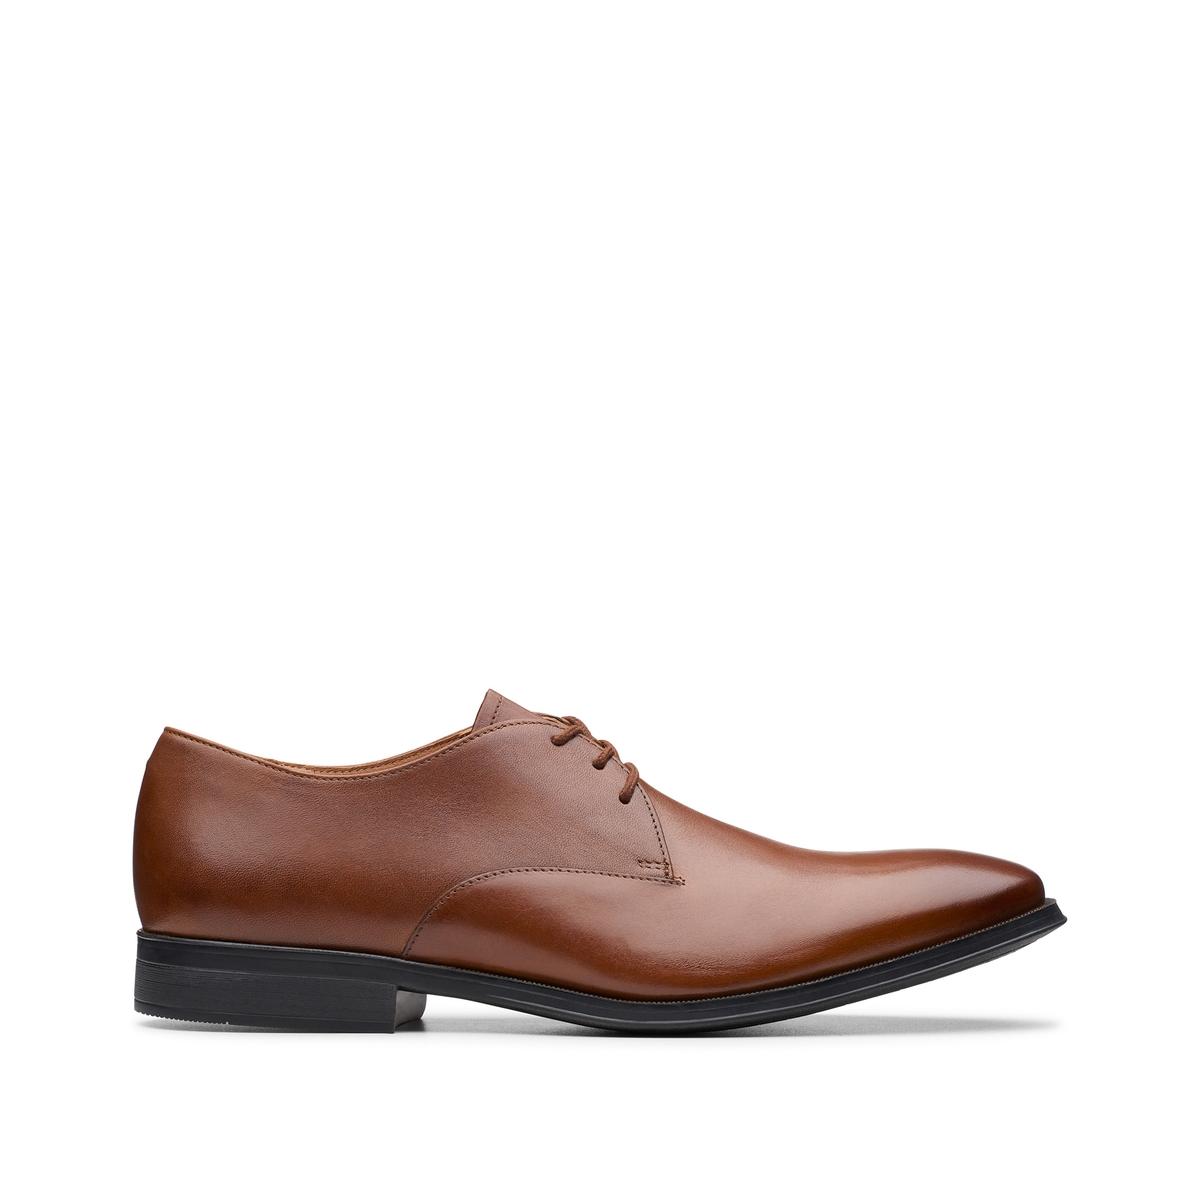 цена Ботинки-дерби La Redoute Кожаные Gilman Walk 44 каштановый онлайн в 2017 году